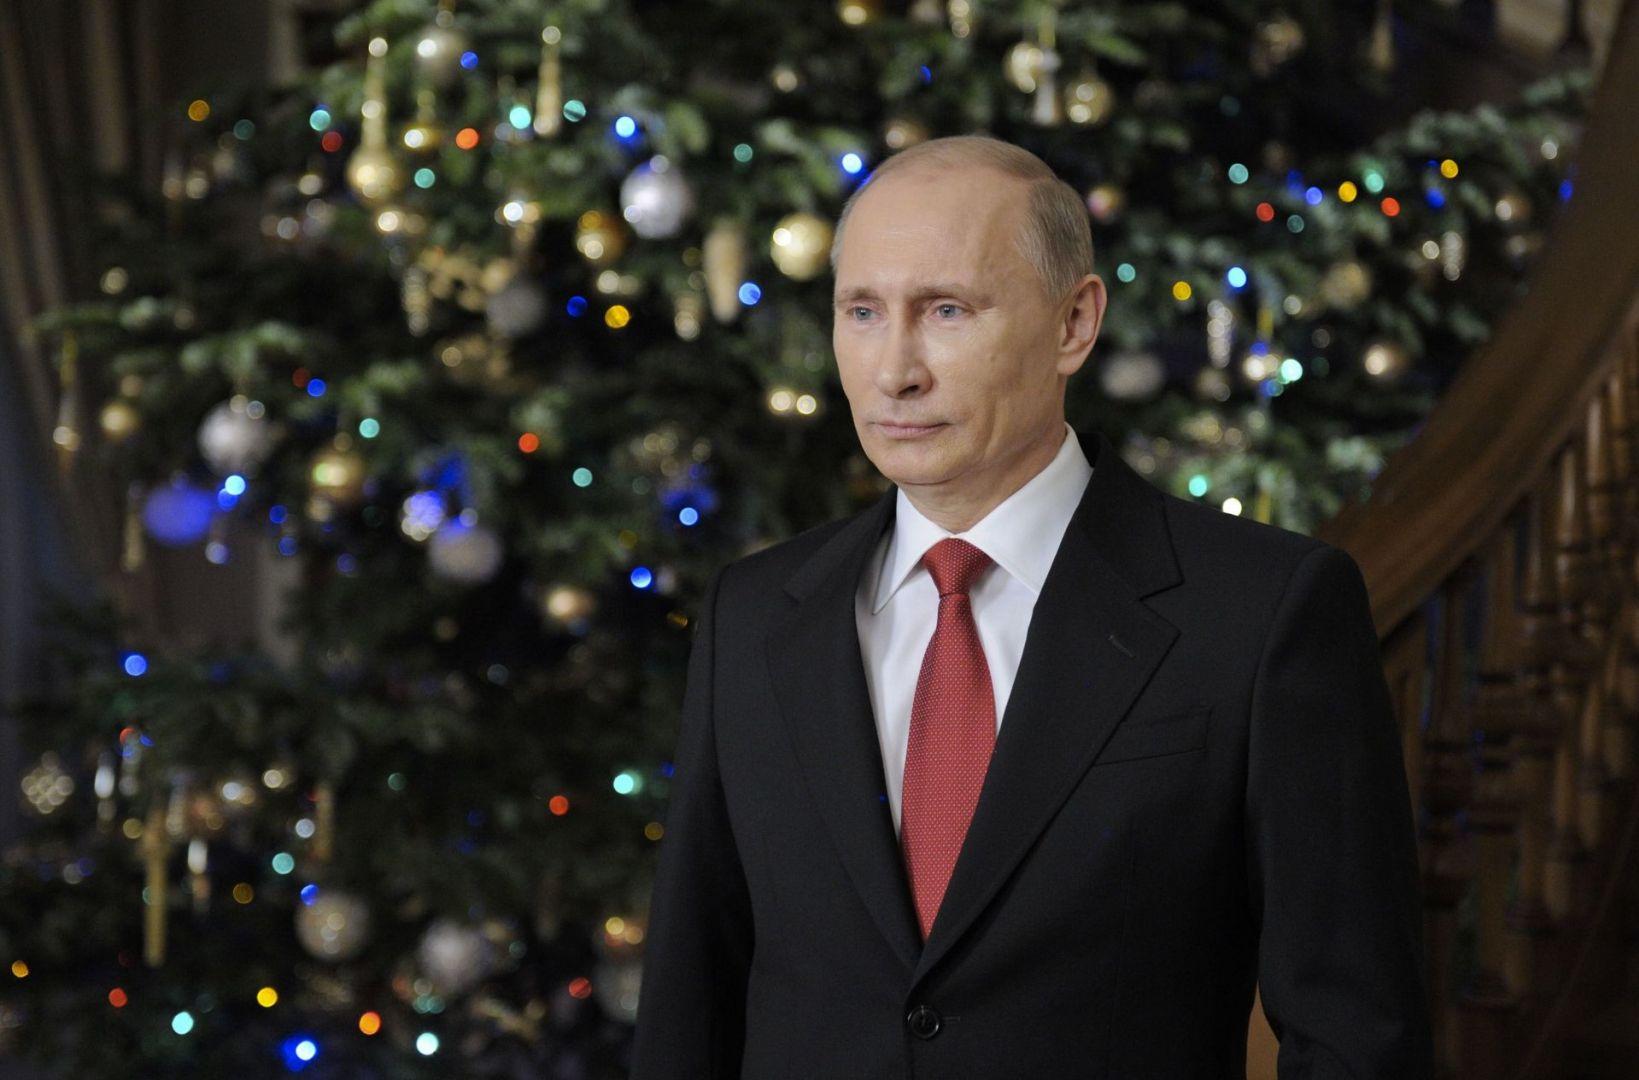 Наизбирательный счет В.Путина поступили 400 млн руб. — ЦИК